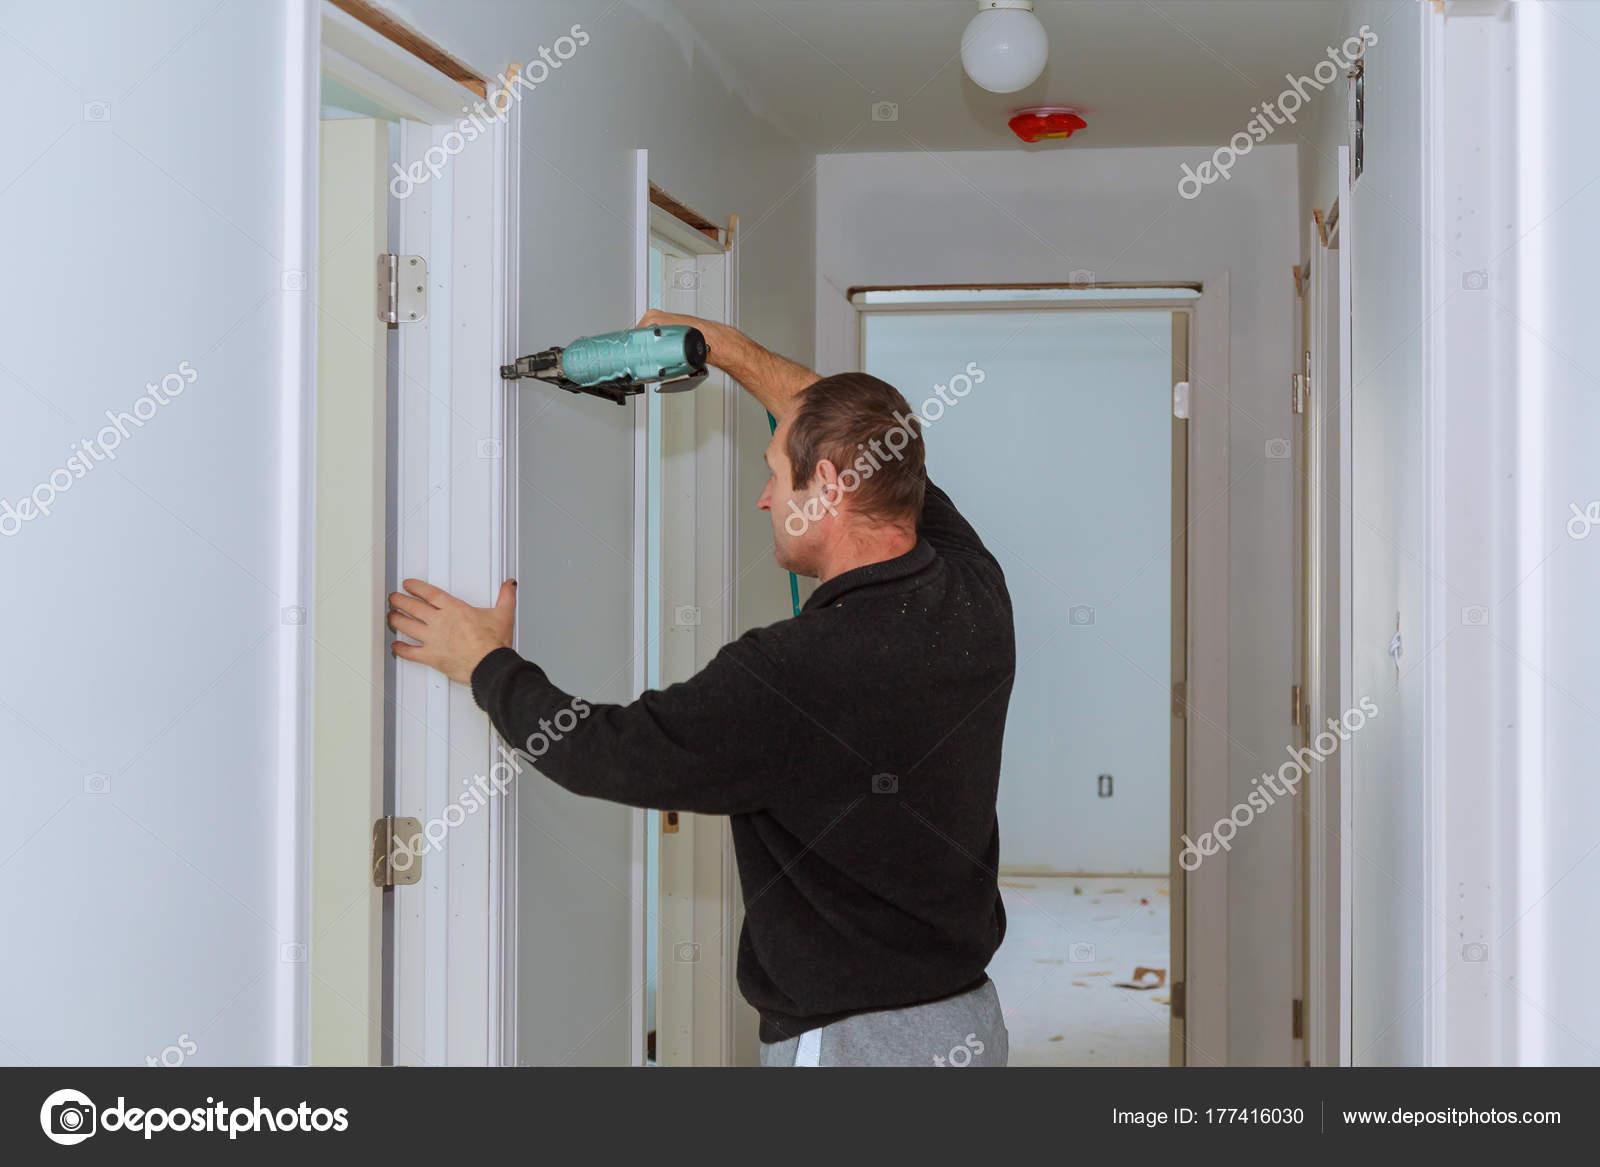 Tischler Brad Nagelpistole an Formteilen an Türen, framing trim mit ...